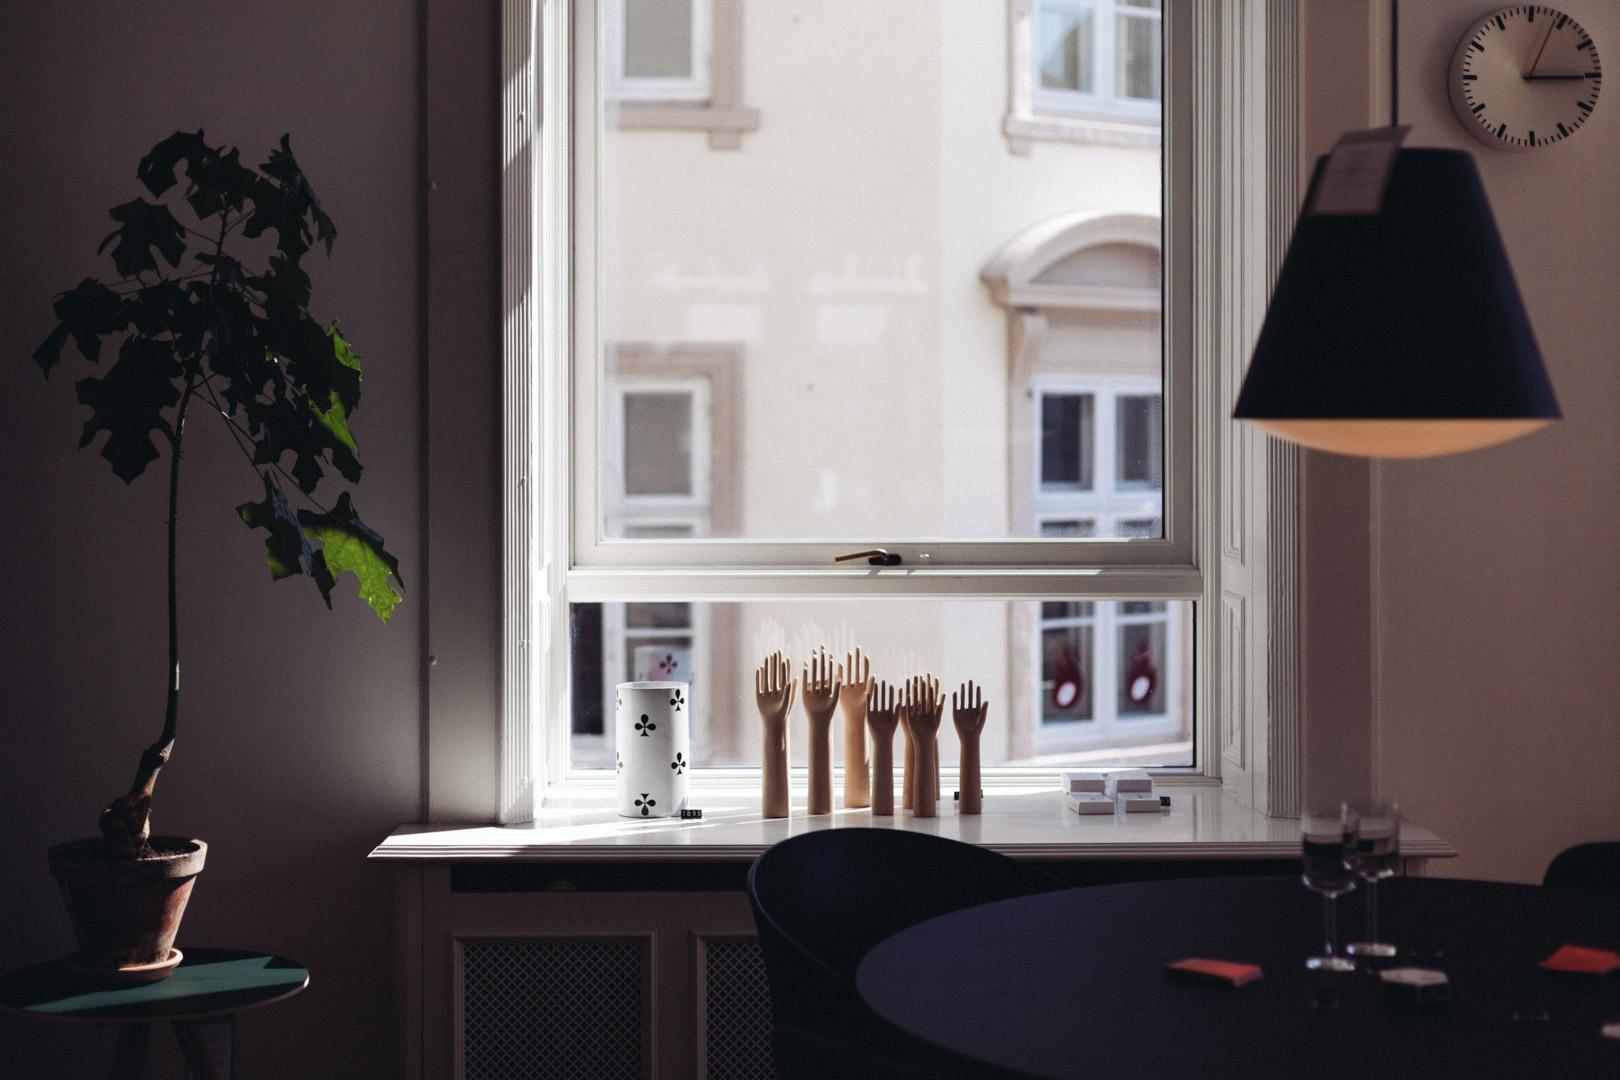 Le-Sycomore_Travel_Copenhagen_Design_Hay